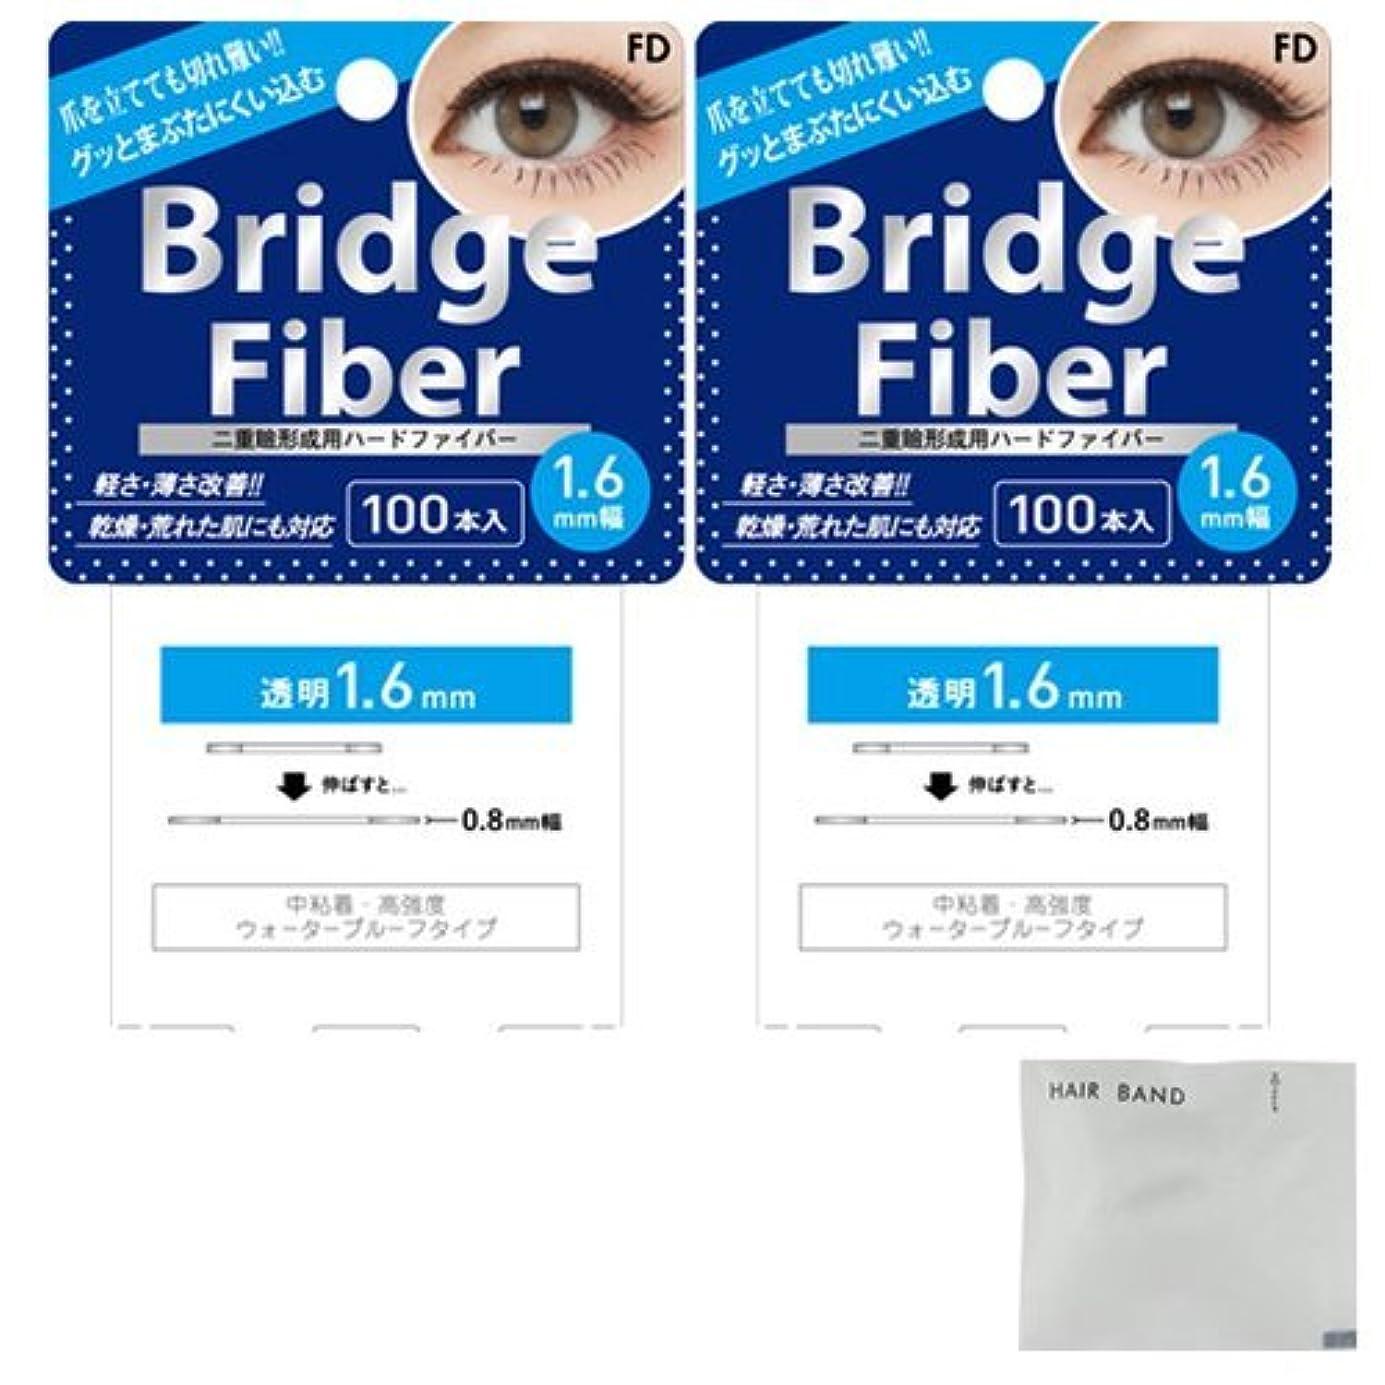 大統領女優本物のFD ブリッジファイバーⅡ (Bridge Fiber) クリア1.6mm×2個 + ヘアゴム(カラーはおまかせ)セット